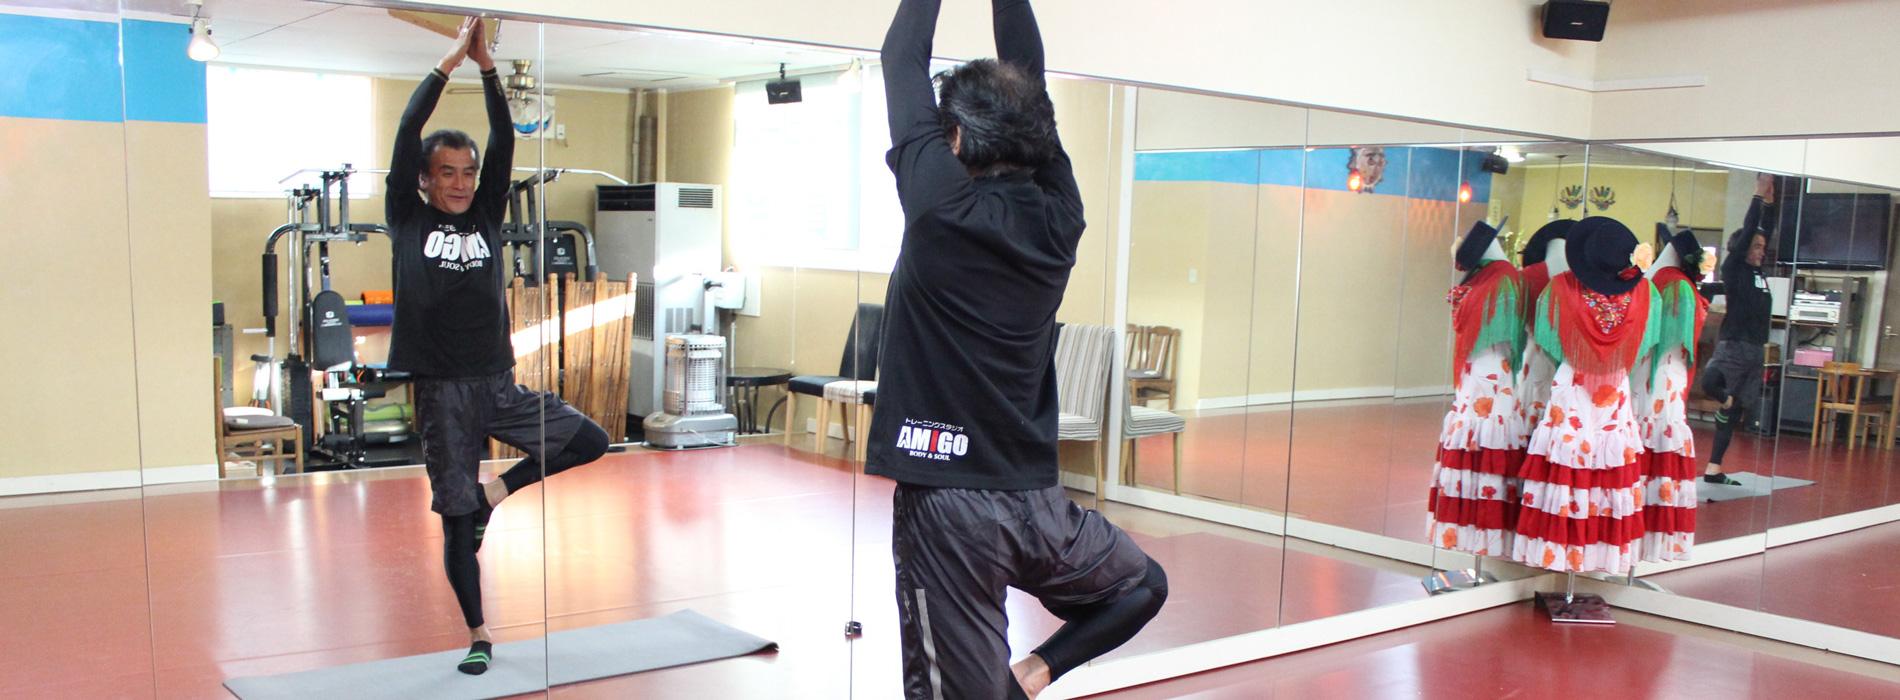 トレーニングスタジオAMIGO